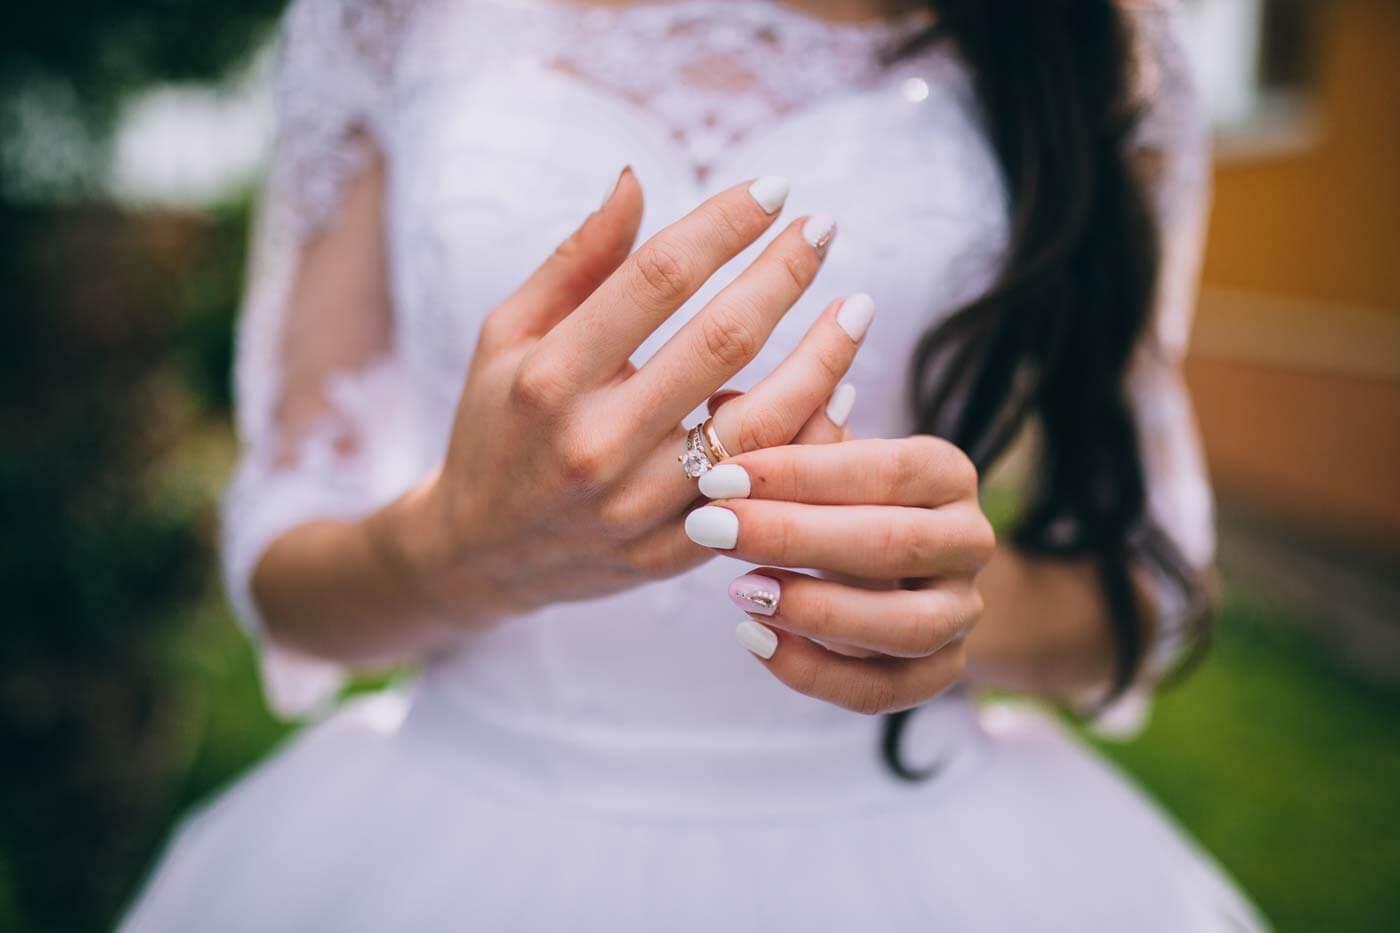 Wo trägt man den Verlobungsring? Welche Hand ist die Richtige?